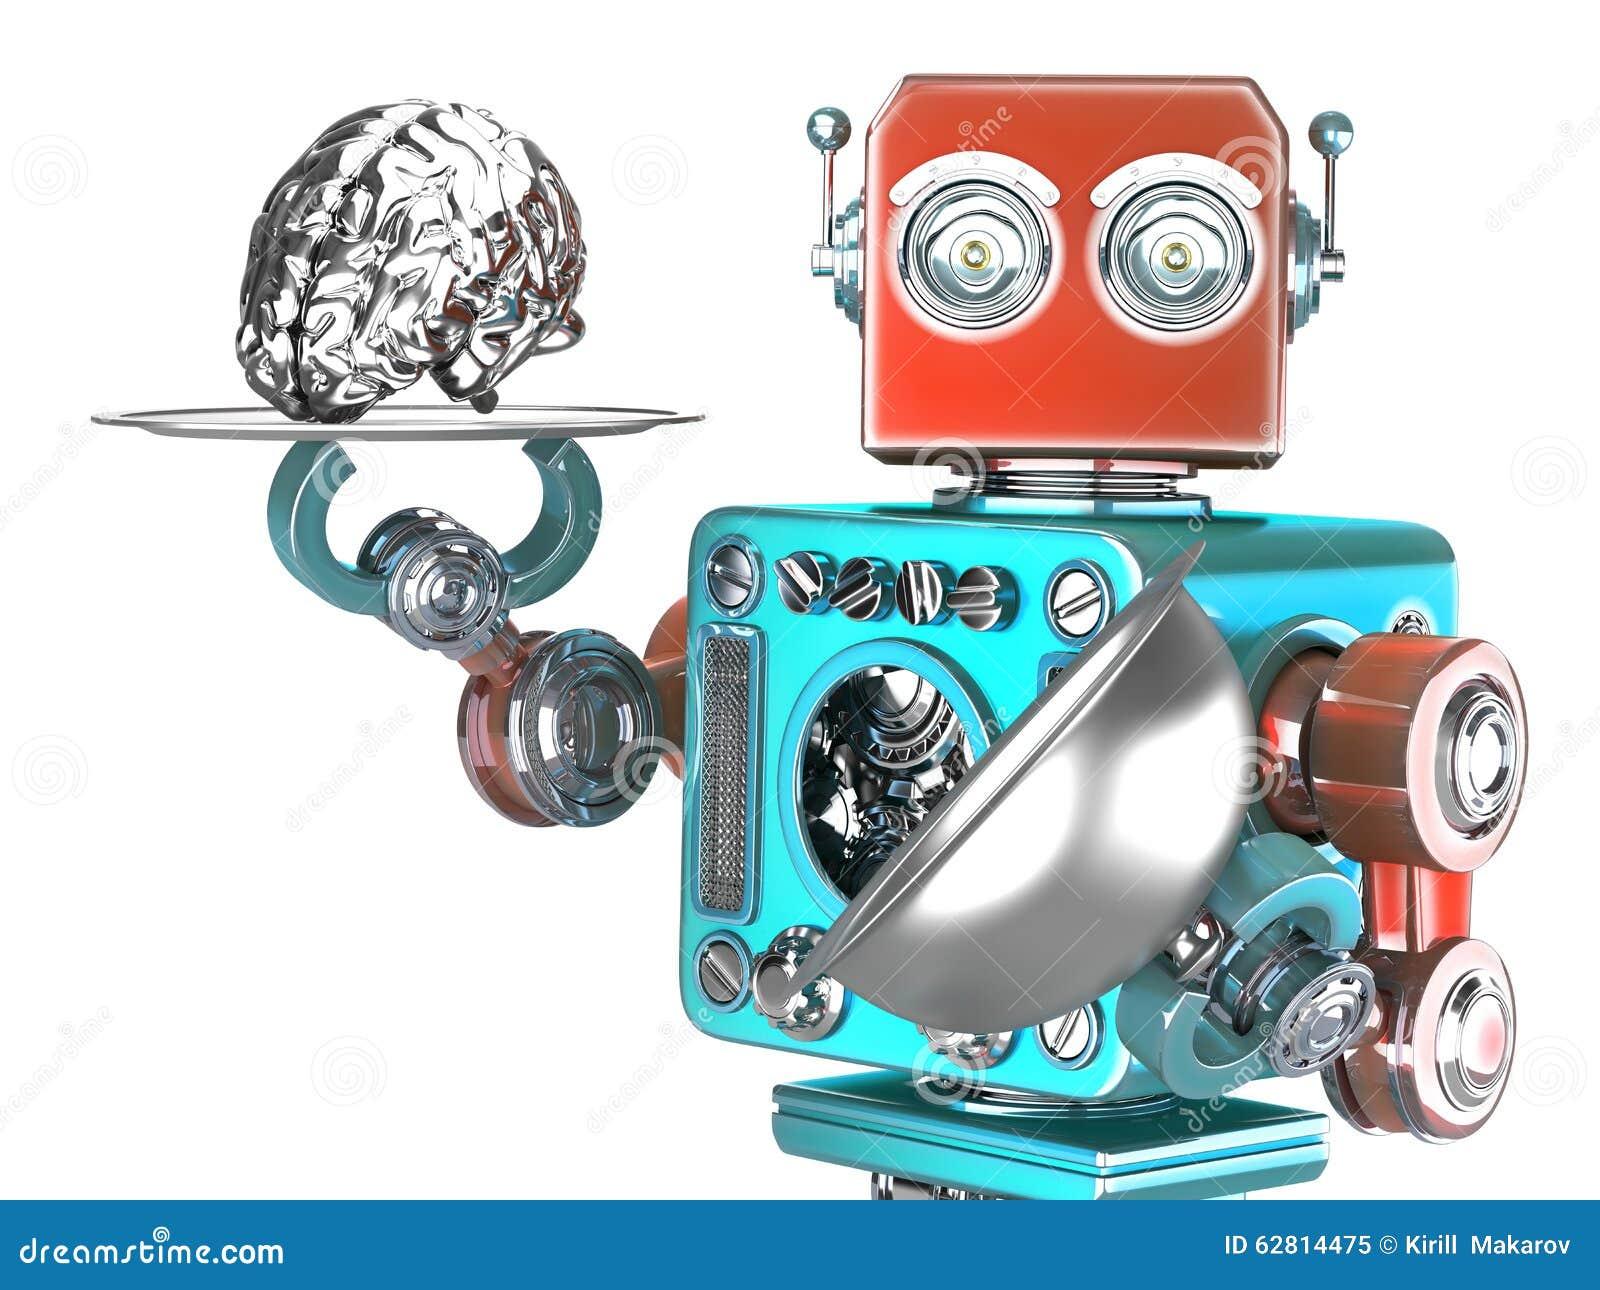 Robot con la bandeja y el cerebro humano Concepto de la inteligencia artificial Contiene la trayectoria de recortes